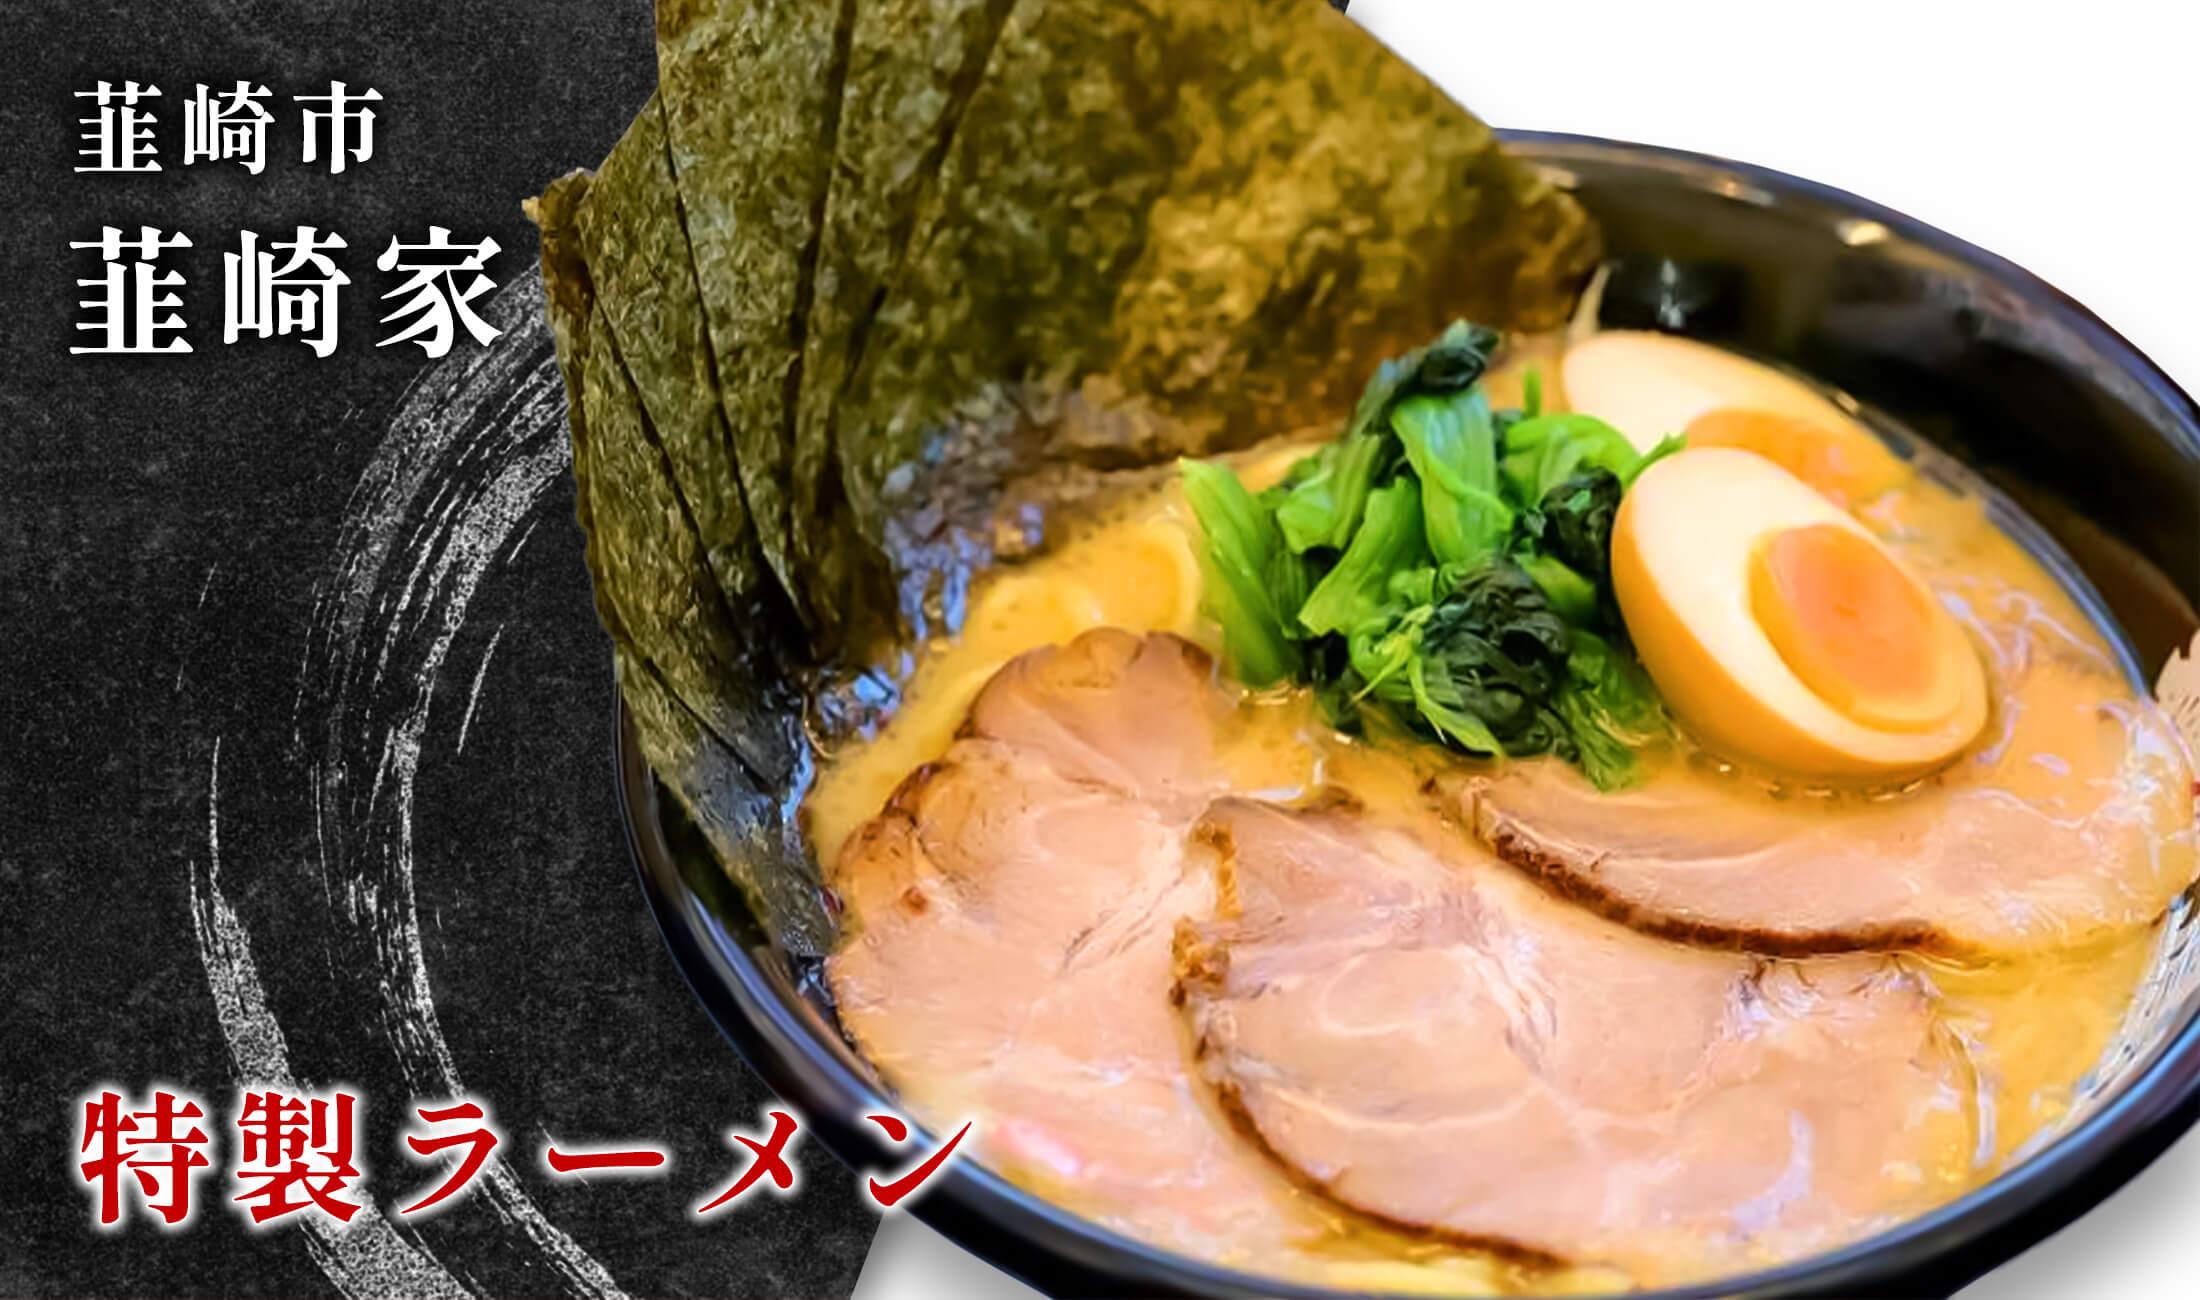 韮崎市 韮崎家 特製ラーメン